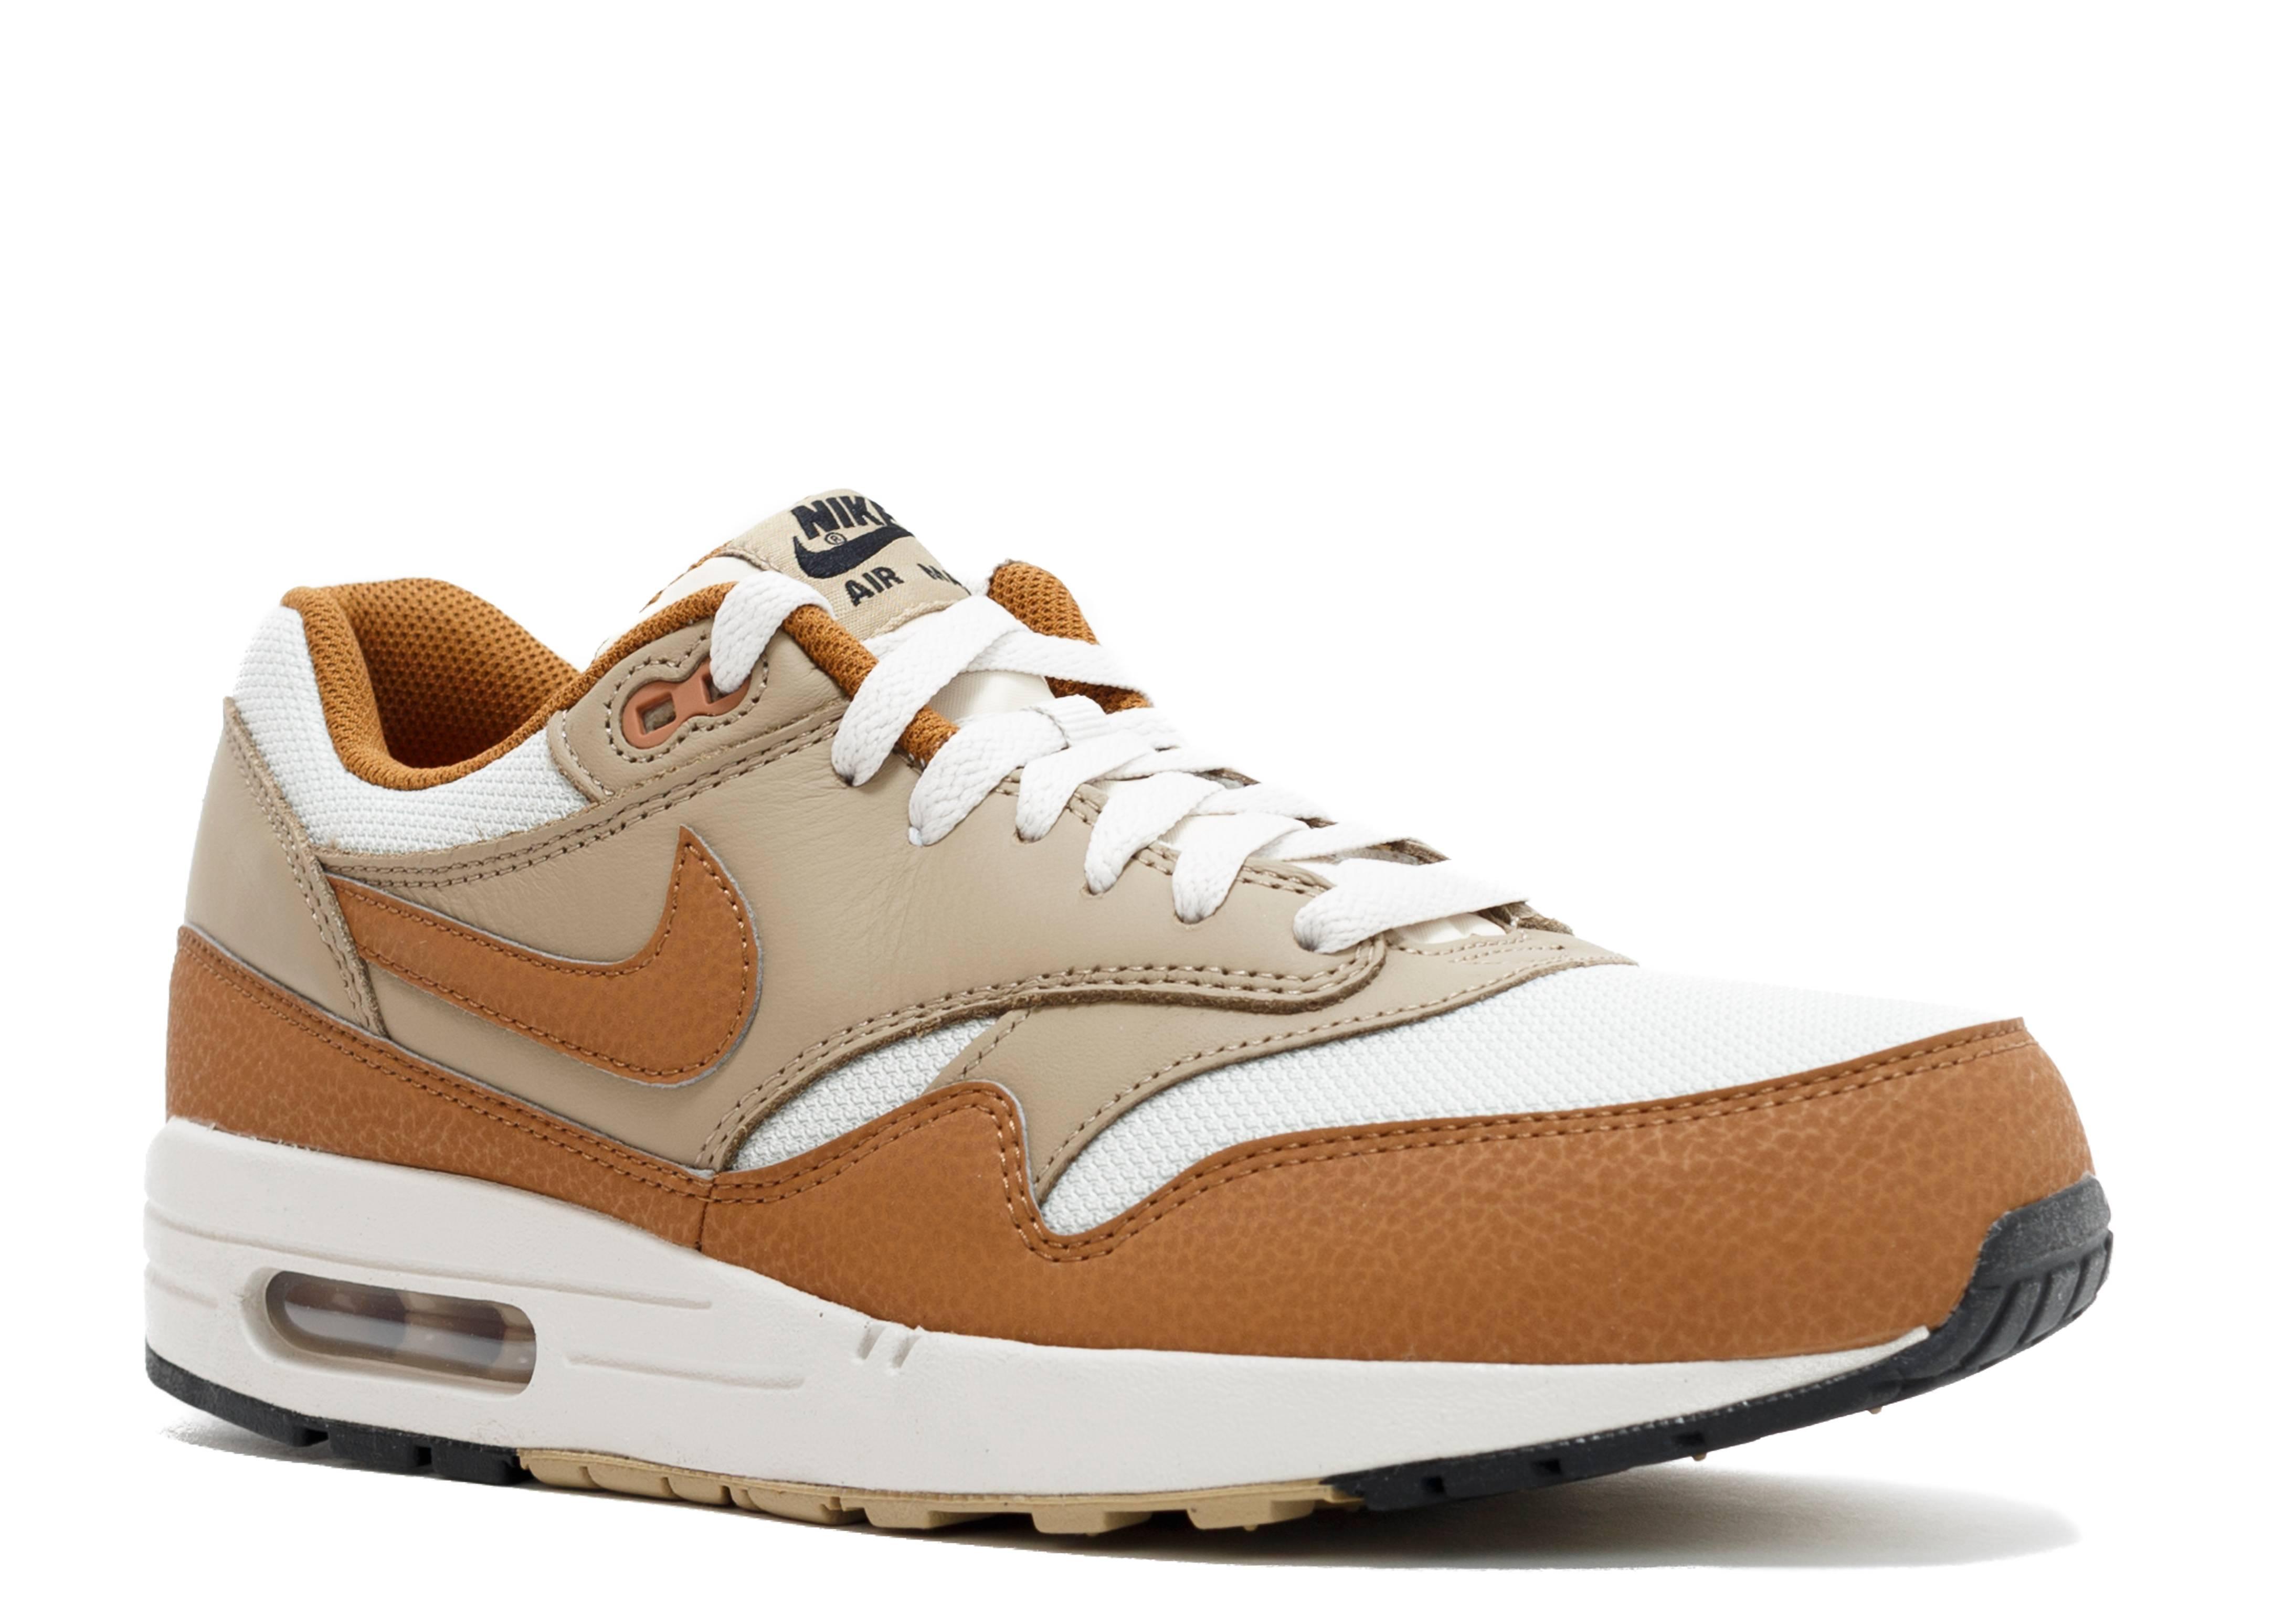 Nike Femme Air Max 97 AJ2248 200 KhakiGum Light Brown